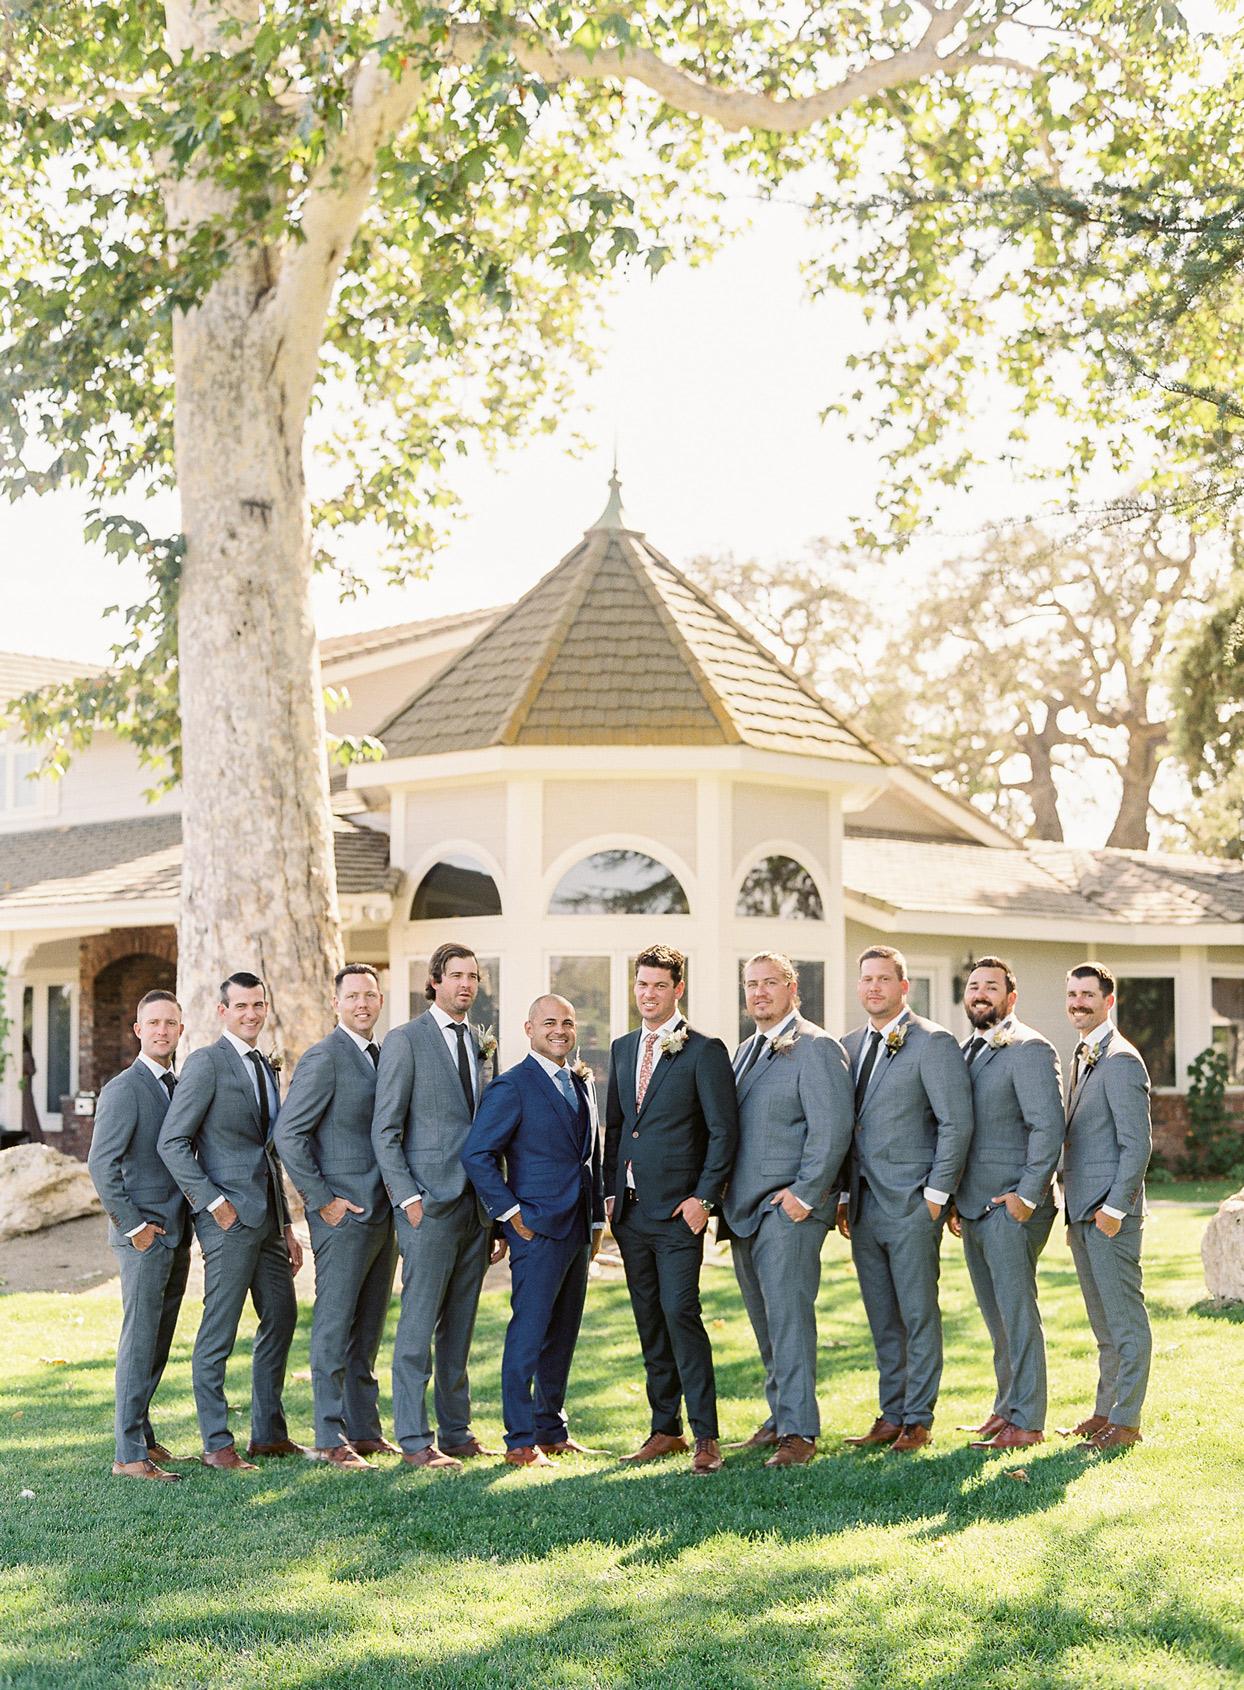 groom and groomsmen posing on lawn